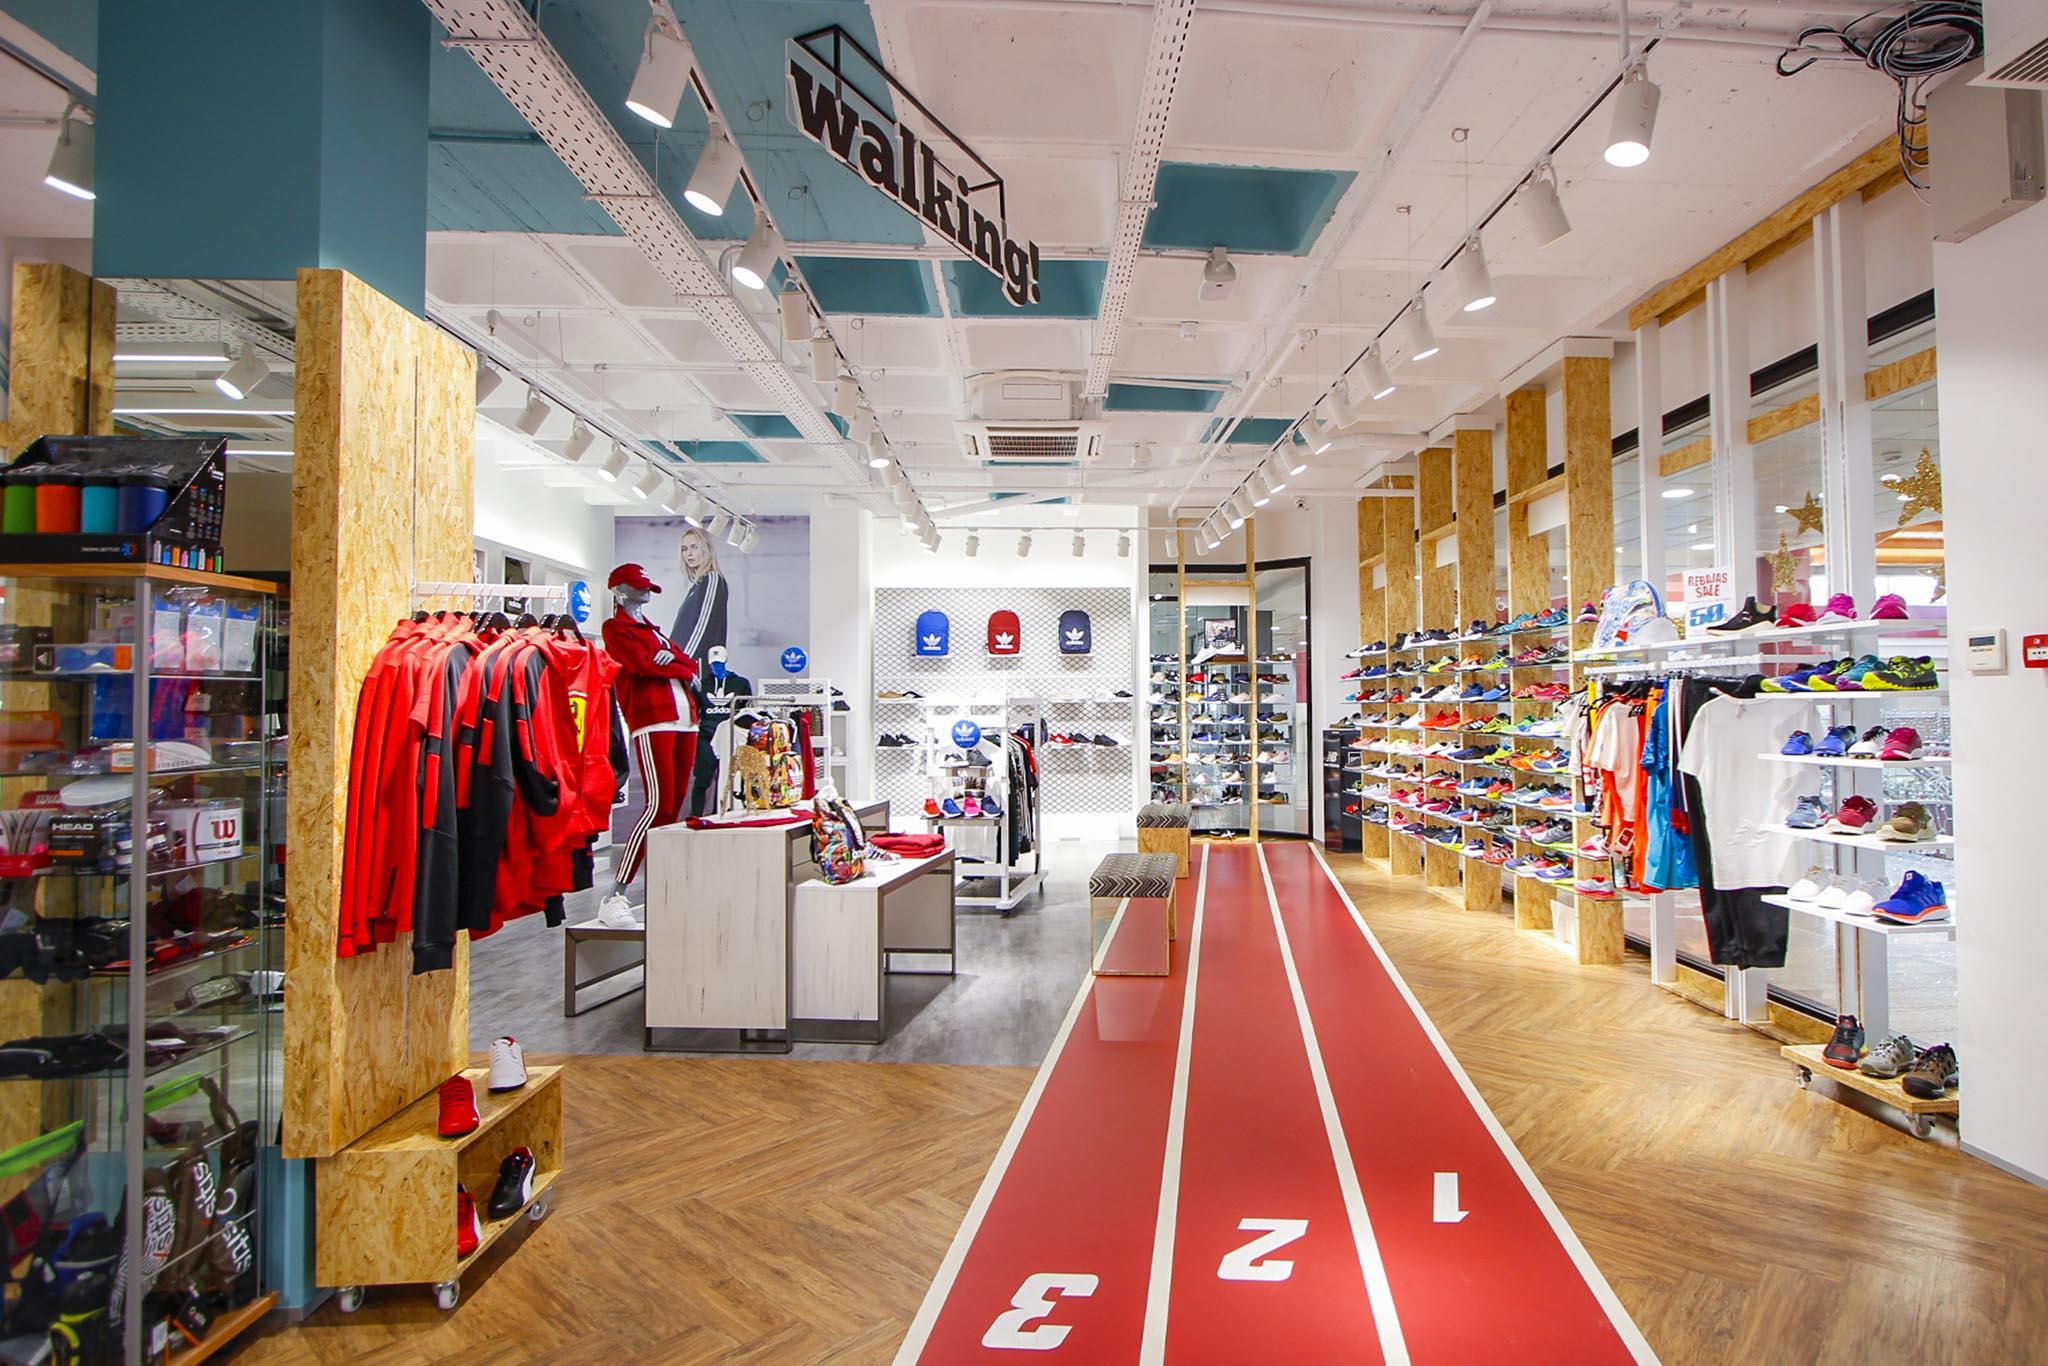 Tienda deporte Tenerife con líneas correr en el centro playeras a la derecha